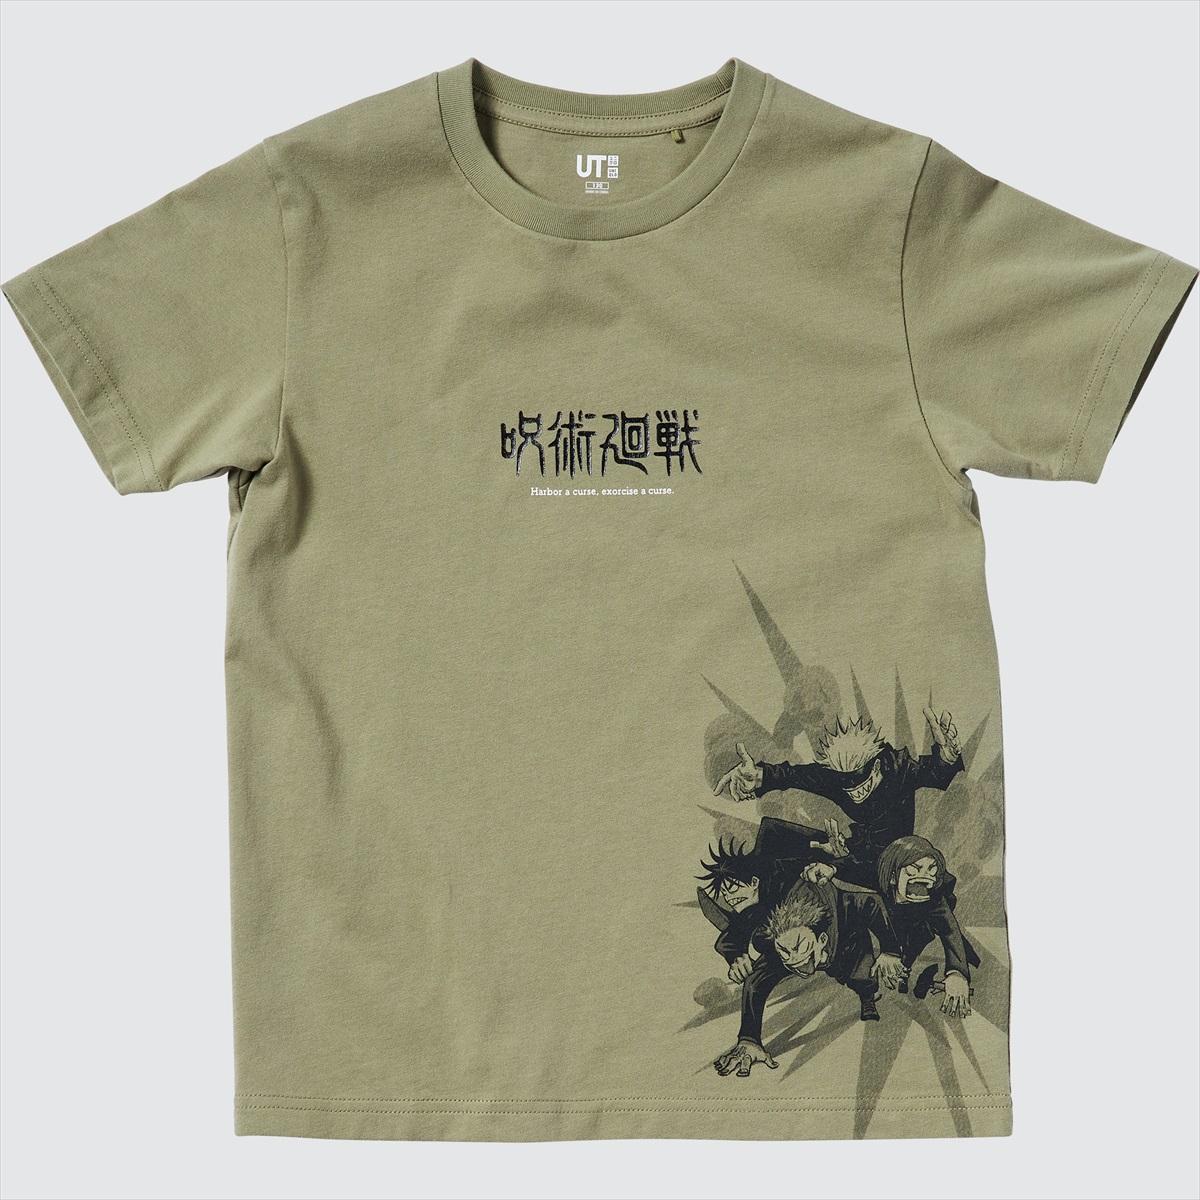 【UT】名セリフと共に。ユニクロと呪術廻戦とのコラボTシャツが6月発売